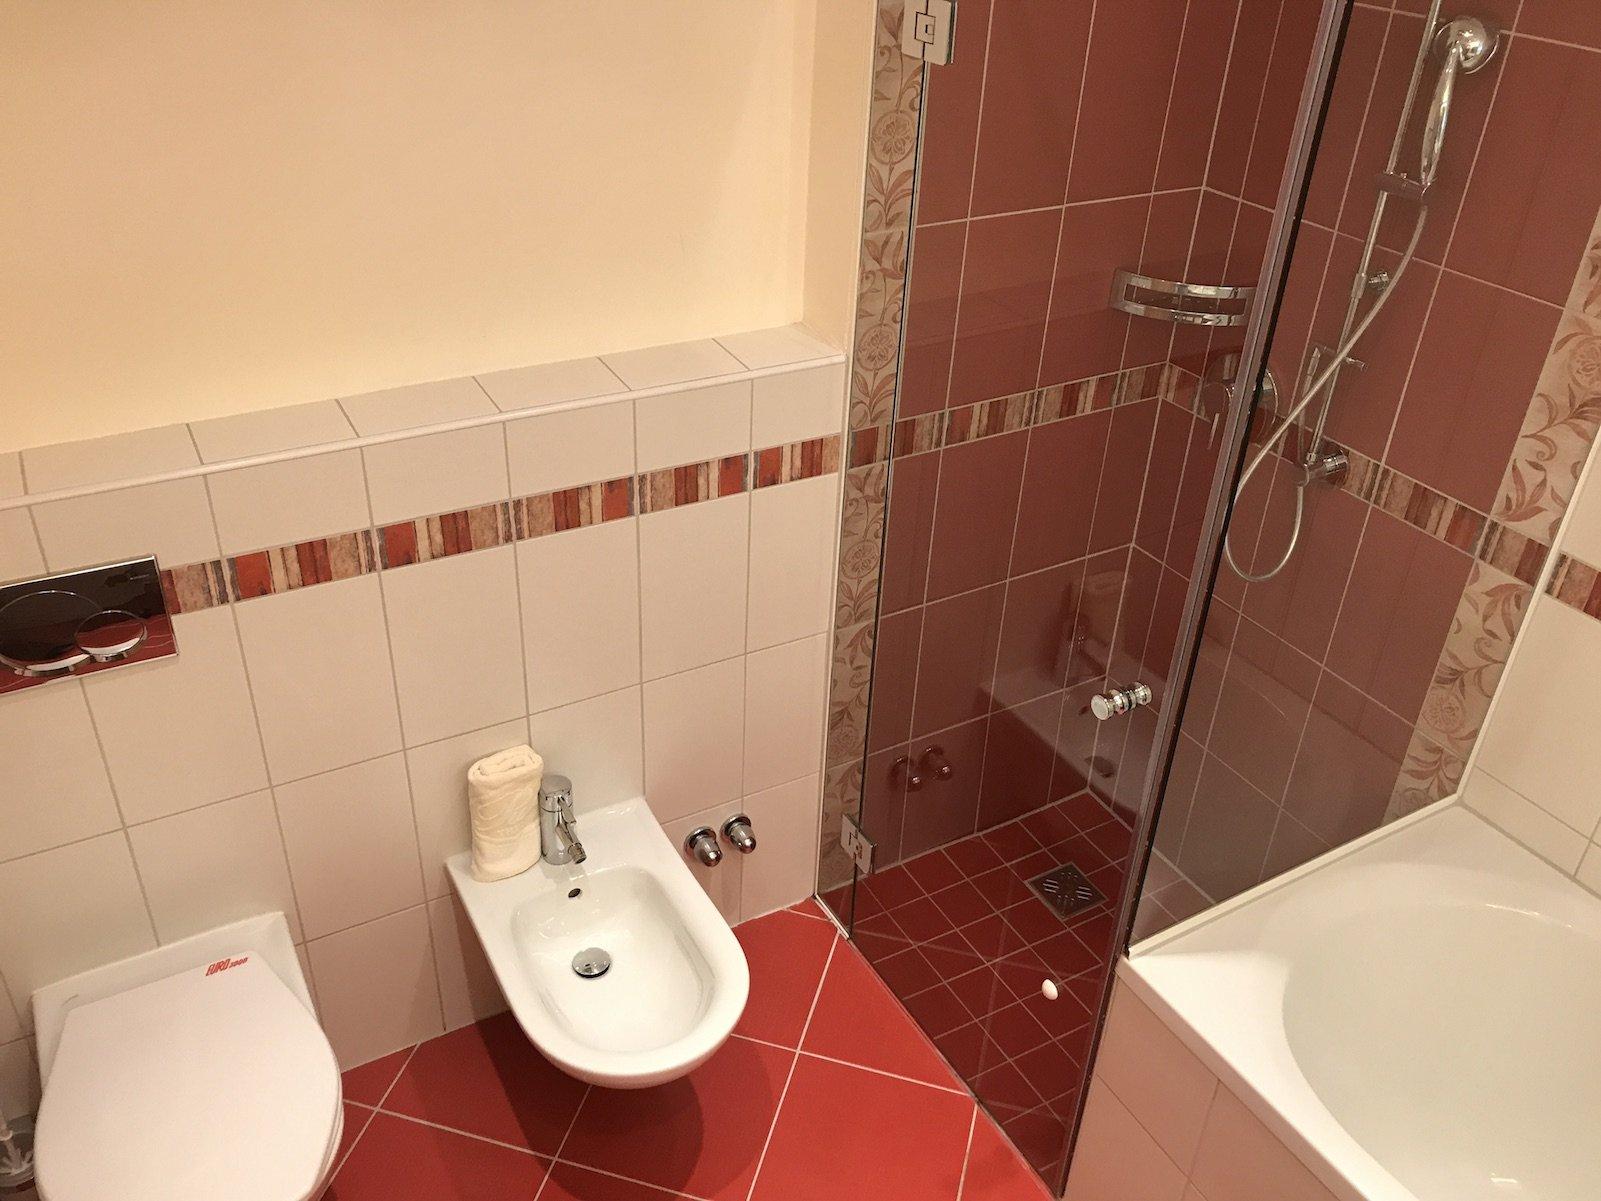 Dusche, Bidget und WC - alles da!